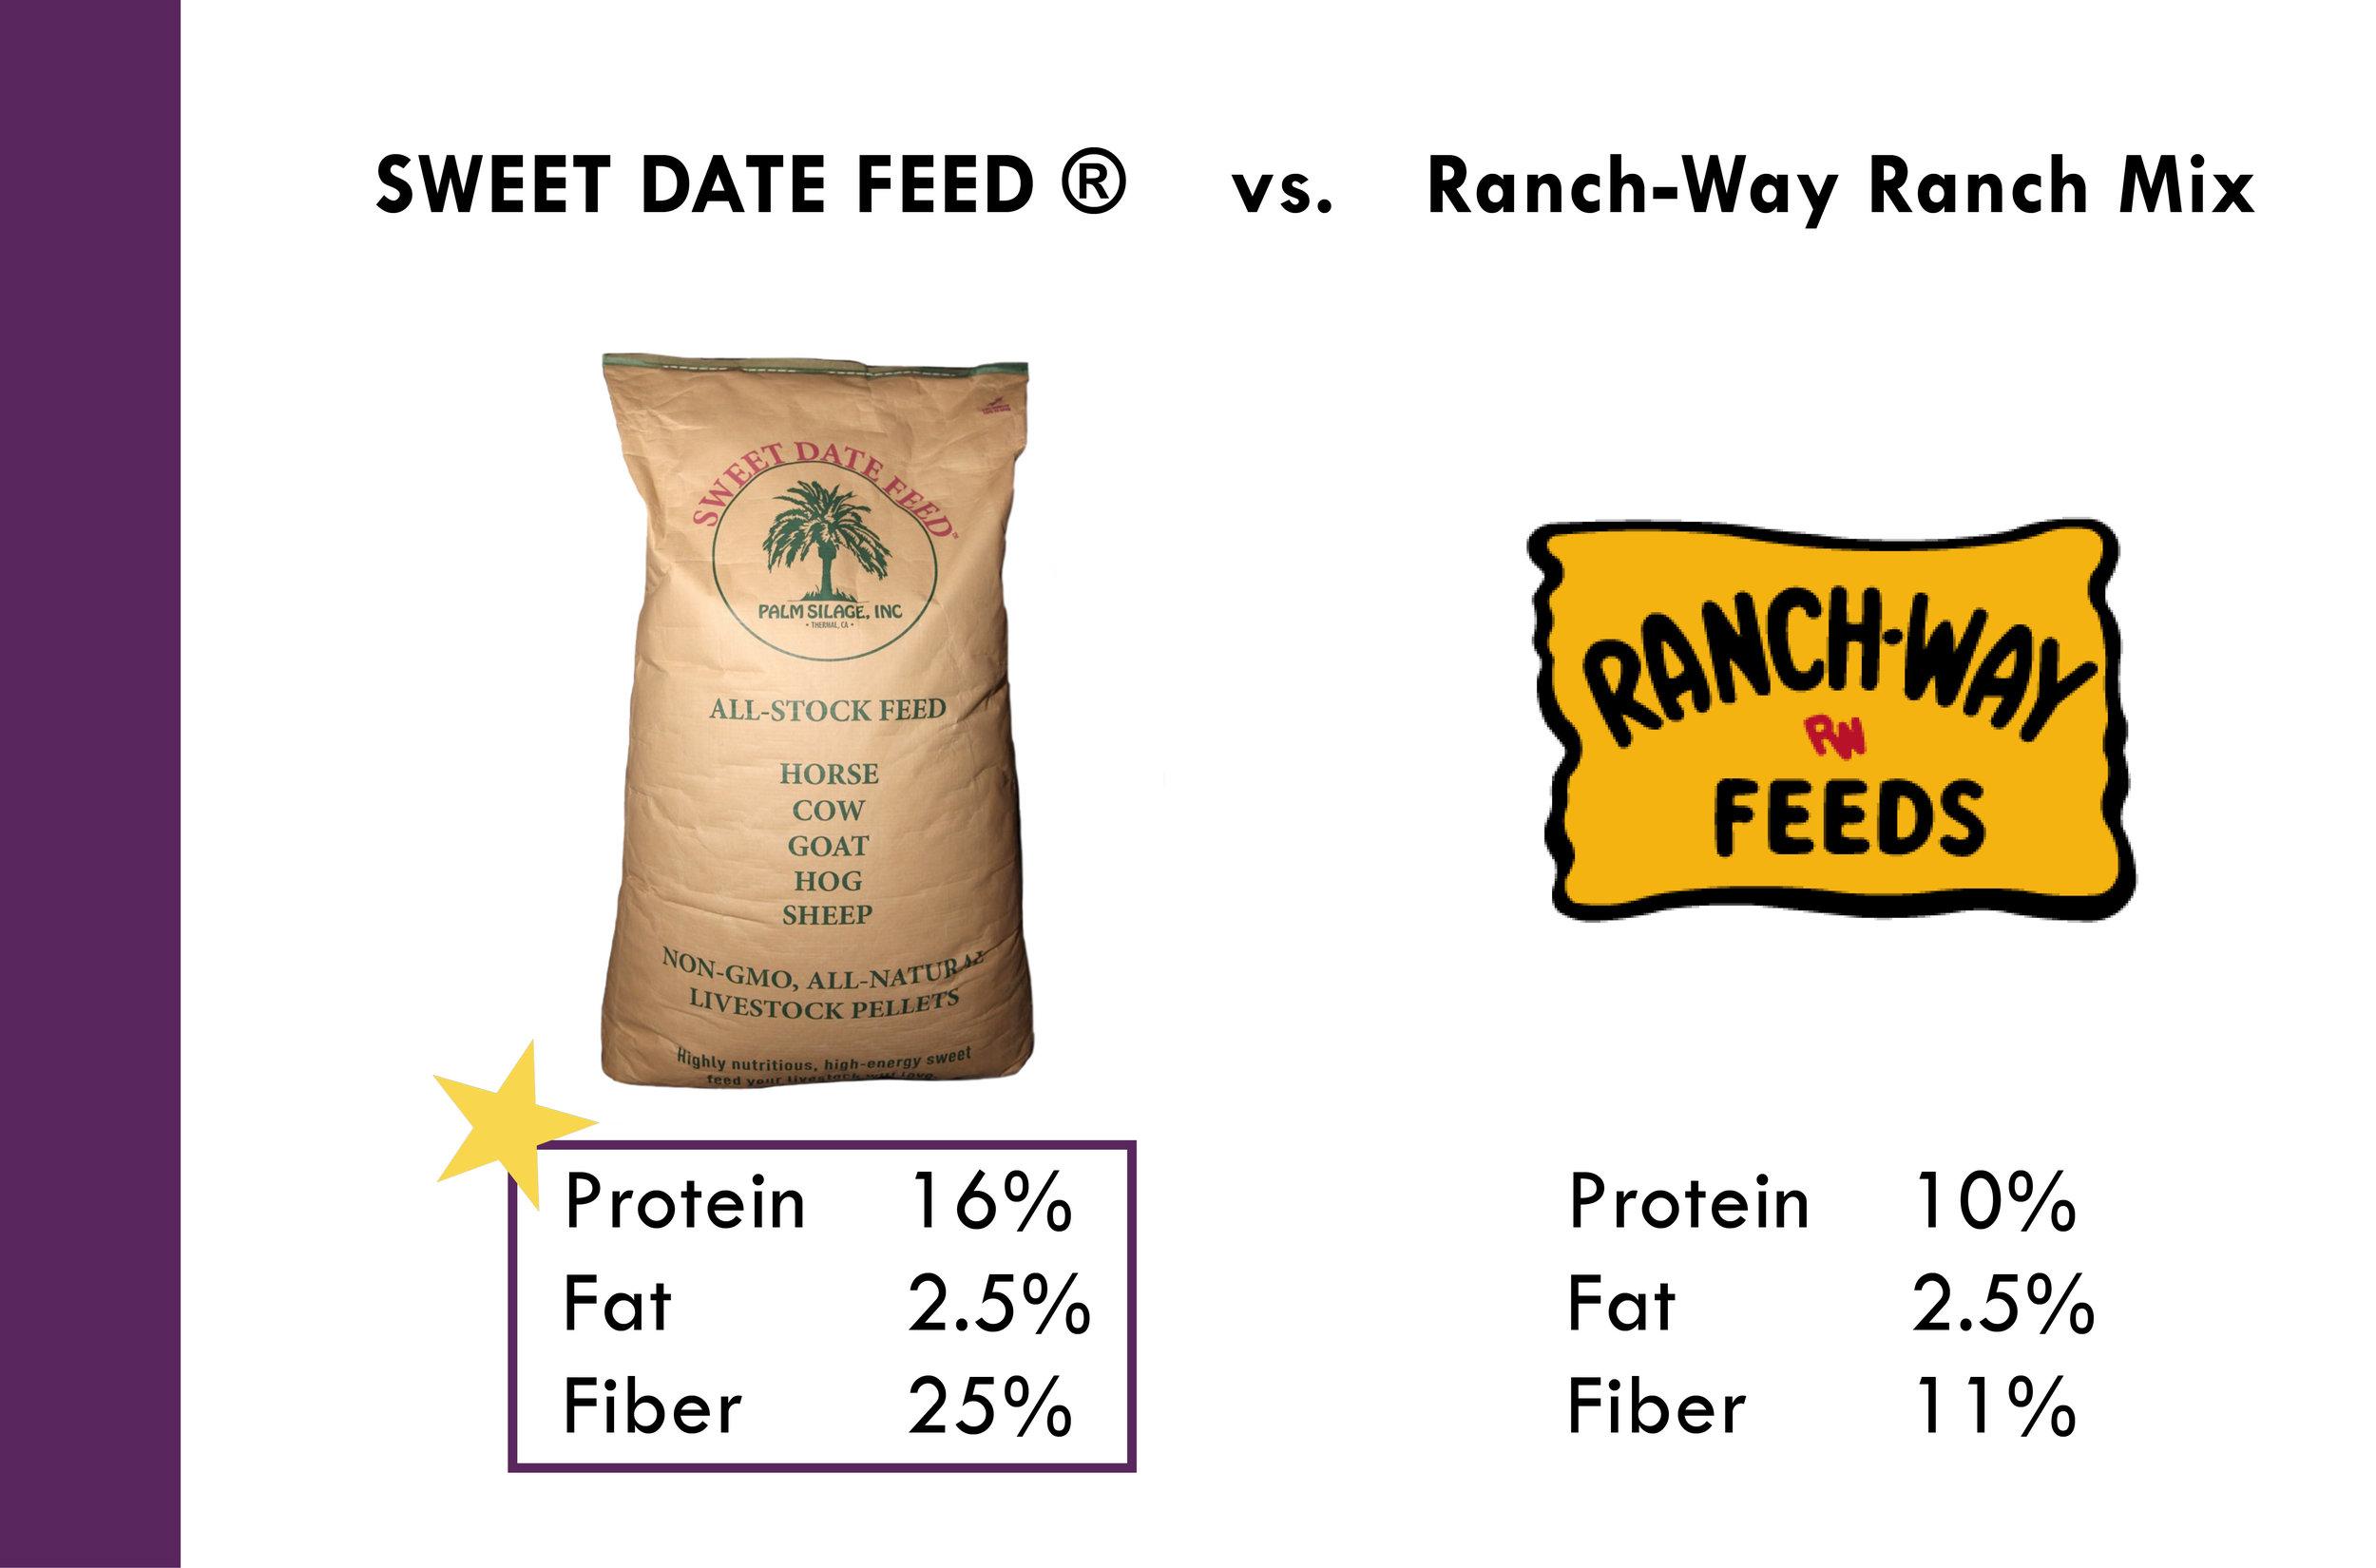 Why Sweet Date Feed_Palm Silage, Inc. 10-11-176.jpg